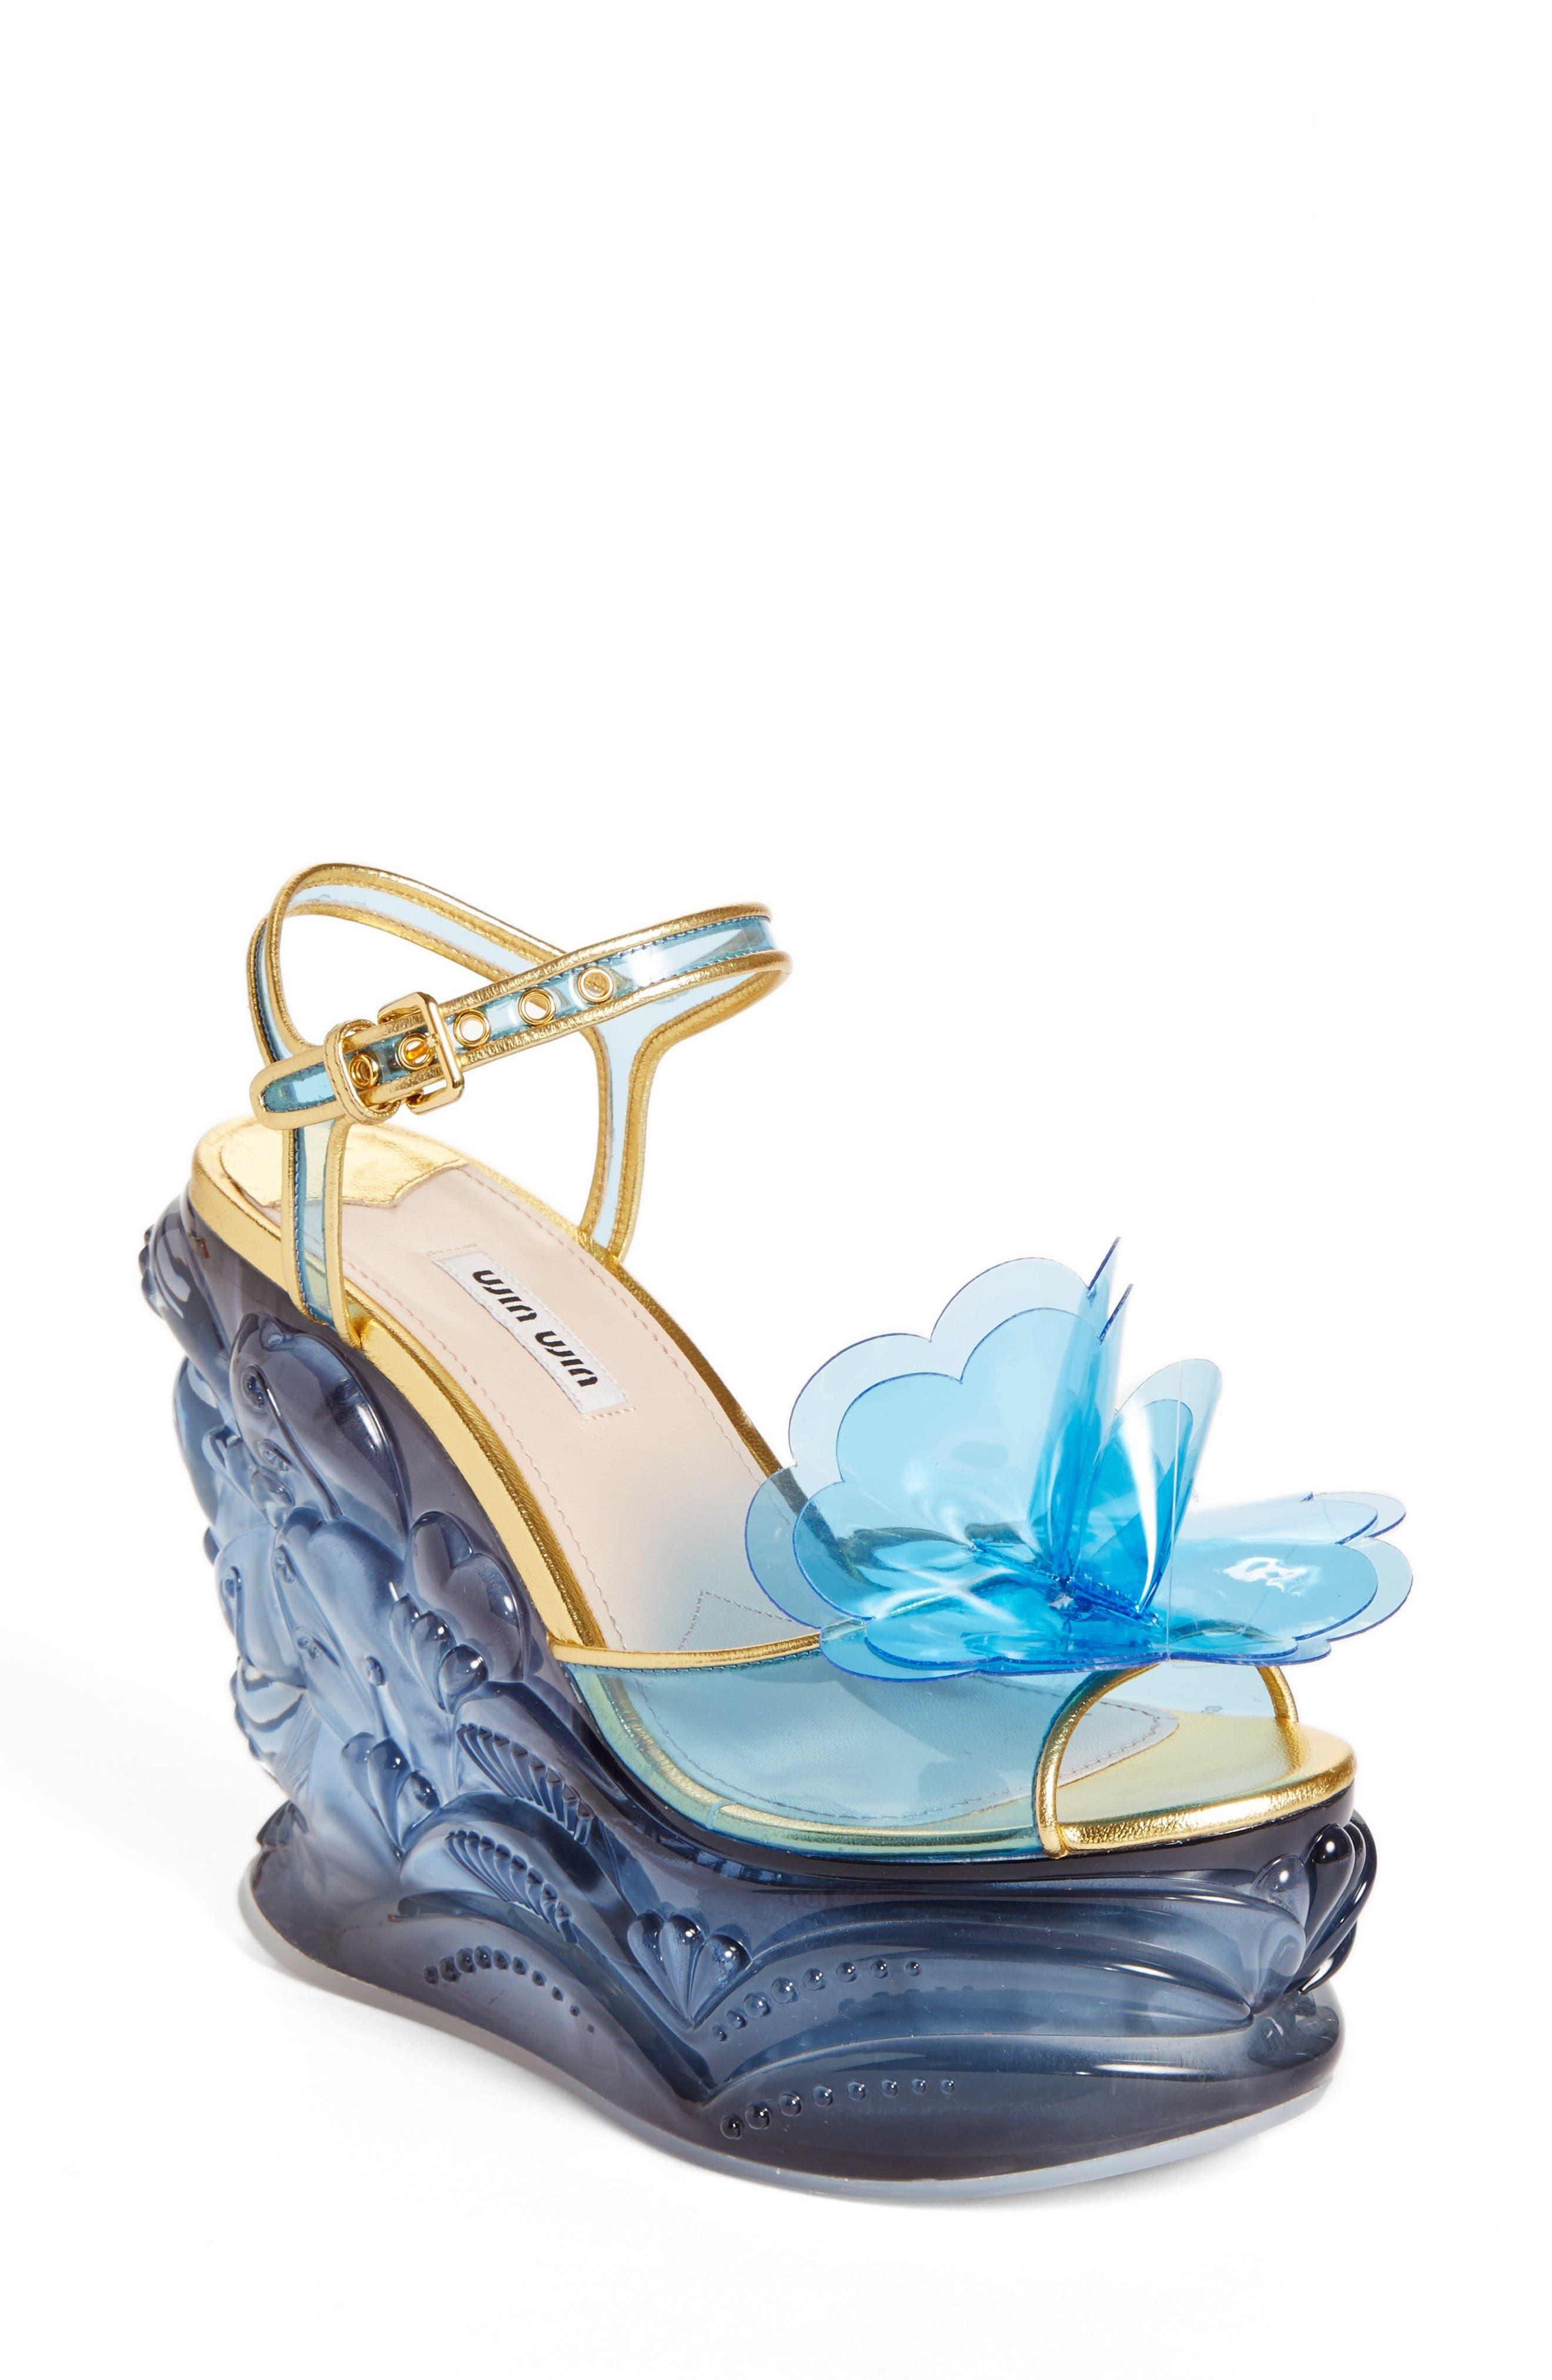 Alternate Image 1 Selected - Miu Miu Wedge Sandal (Women)